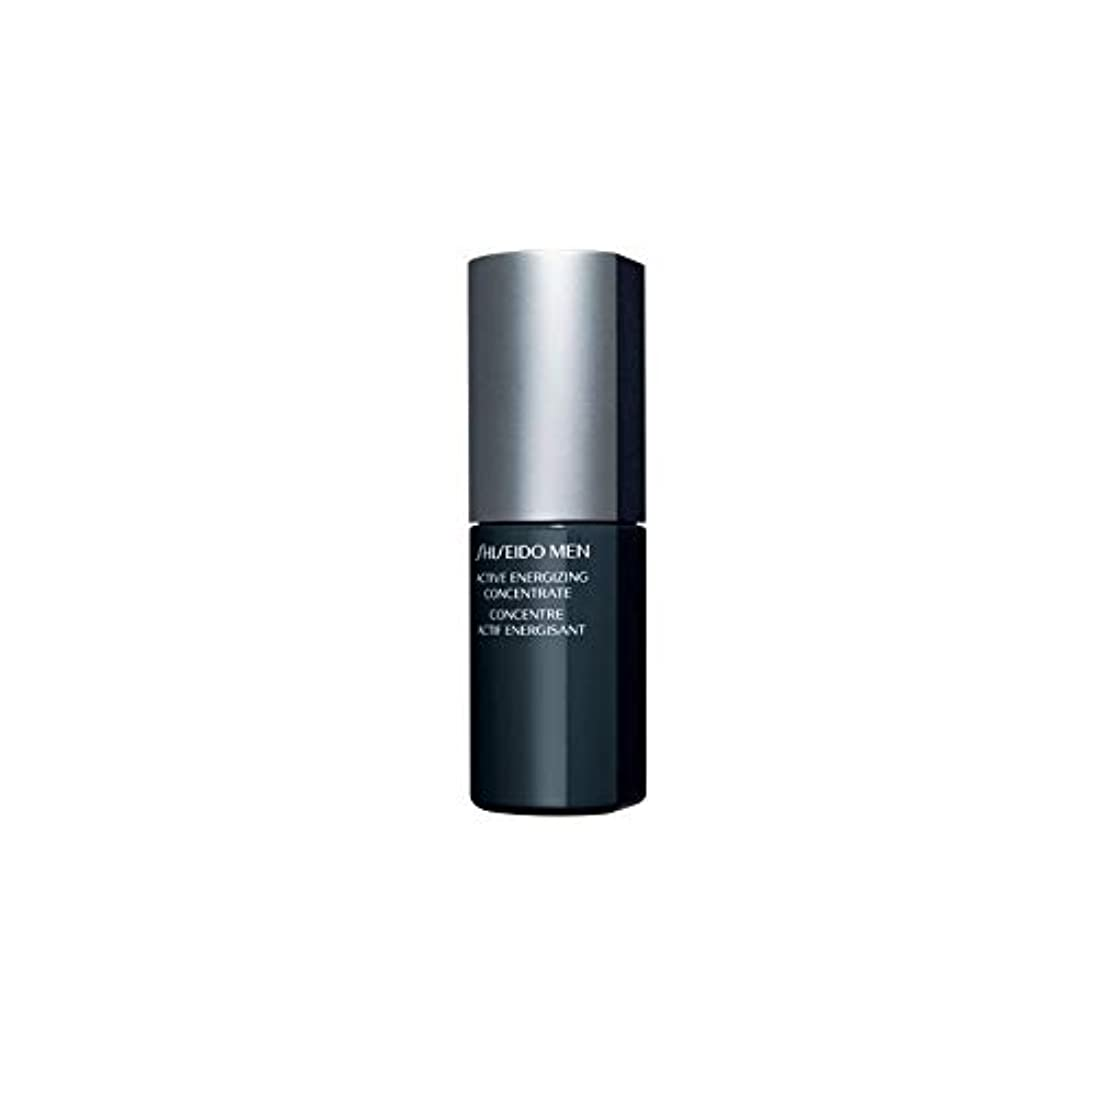 可能にする可聴気晴らし[Shiseido ] 資生堂メンズアクティブ通電濃縮液(50ミリリットル) - Shiseido Mens Active Energizing Concentrate (50ml) [並行輸入品]